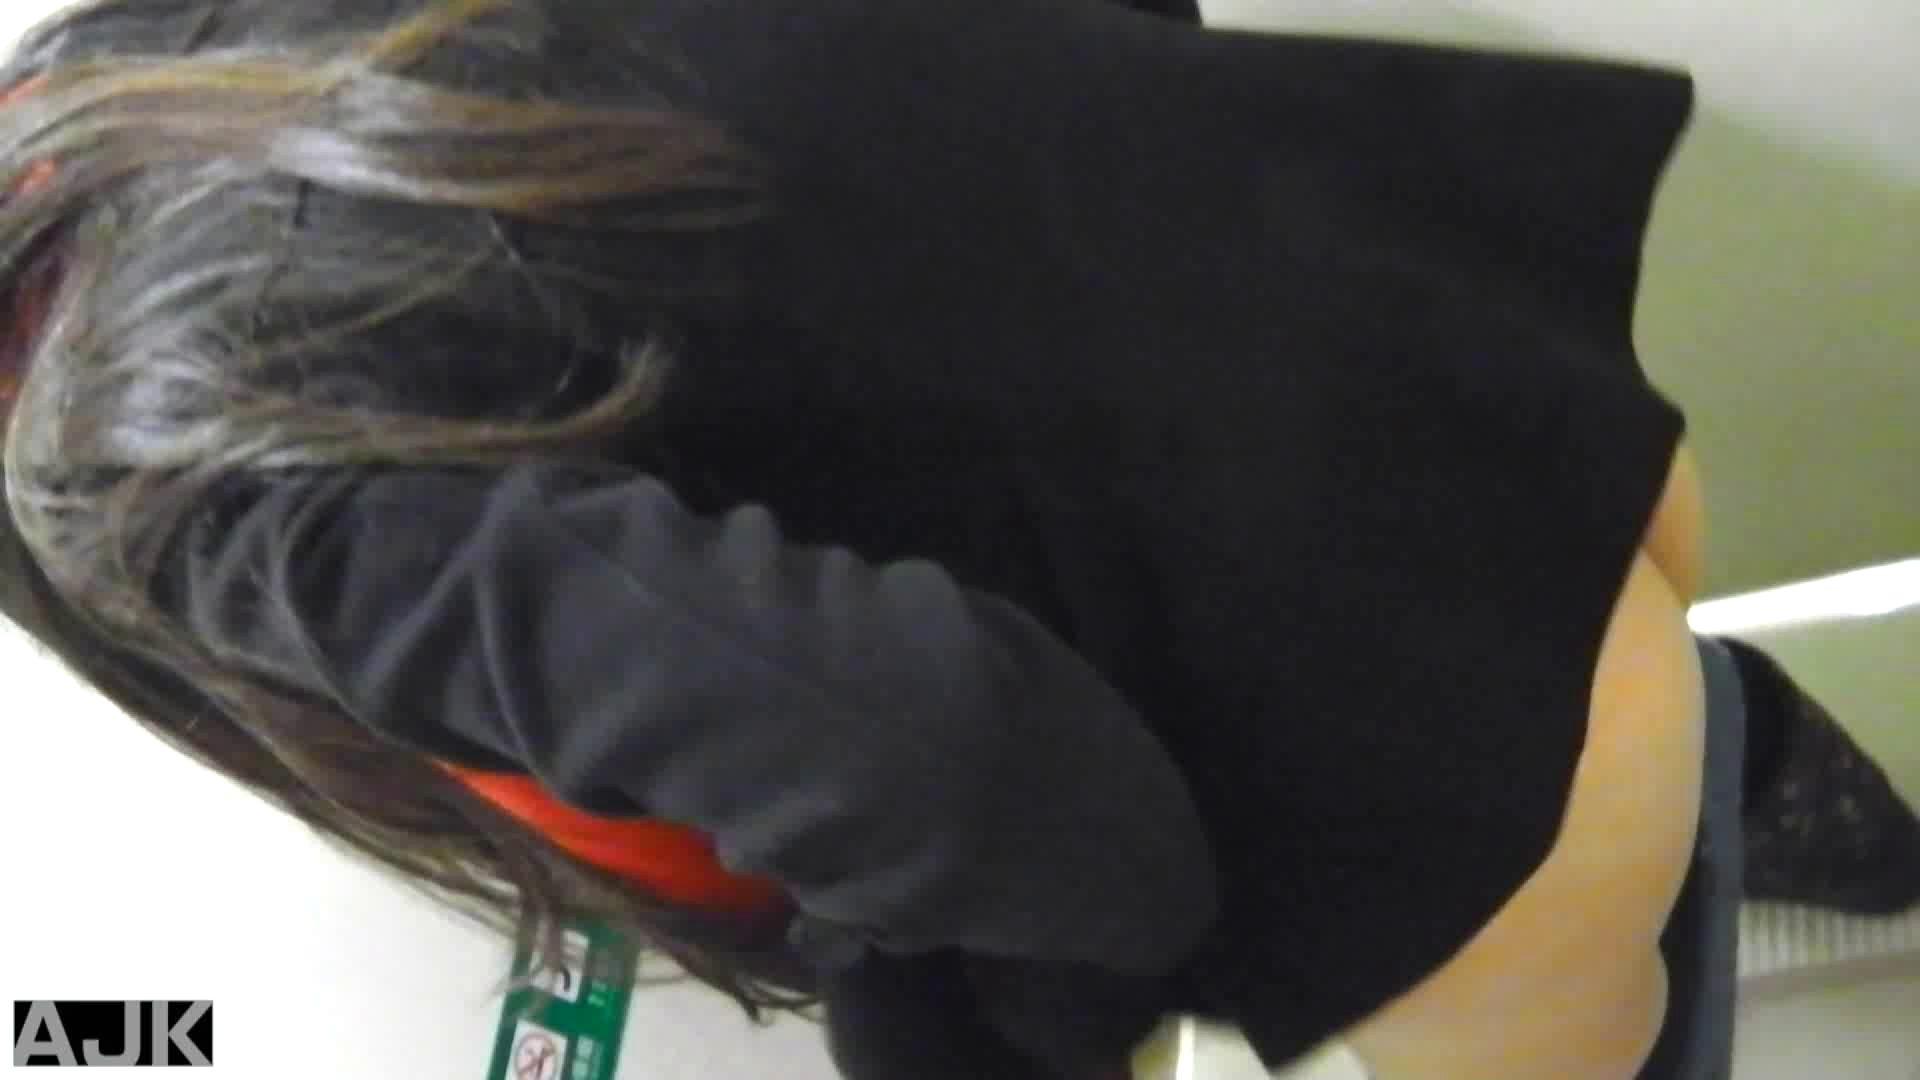 隣国上階級エリアの令嬢たちが集うデパートお手洗い Vol.06 エロいお嬢様 | オマンコ大好き  78画像 12